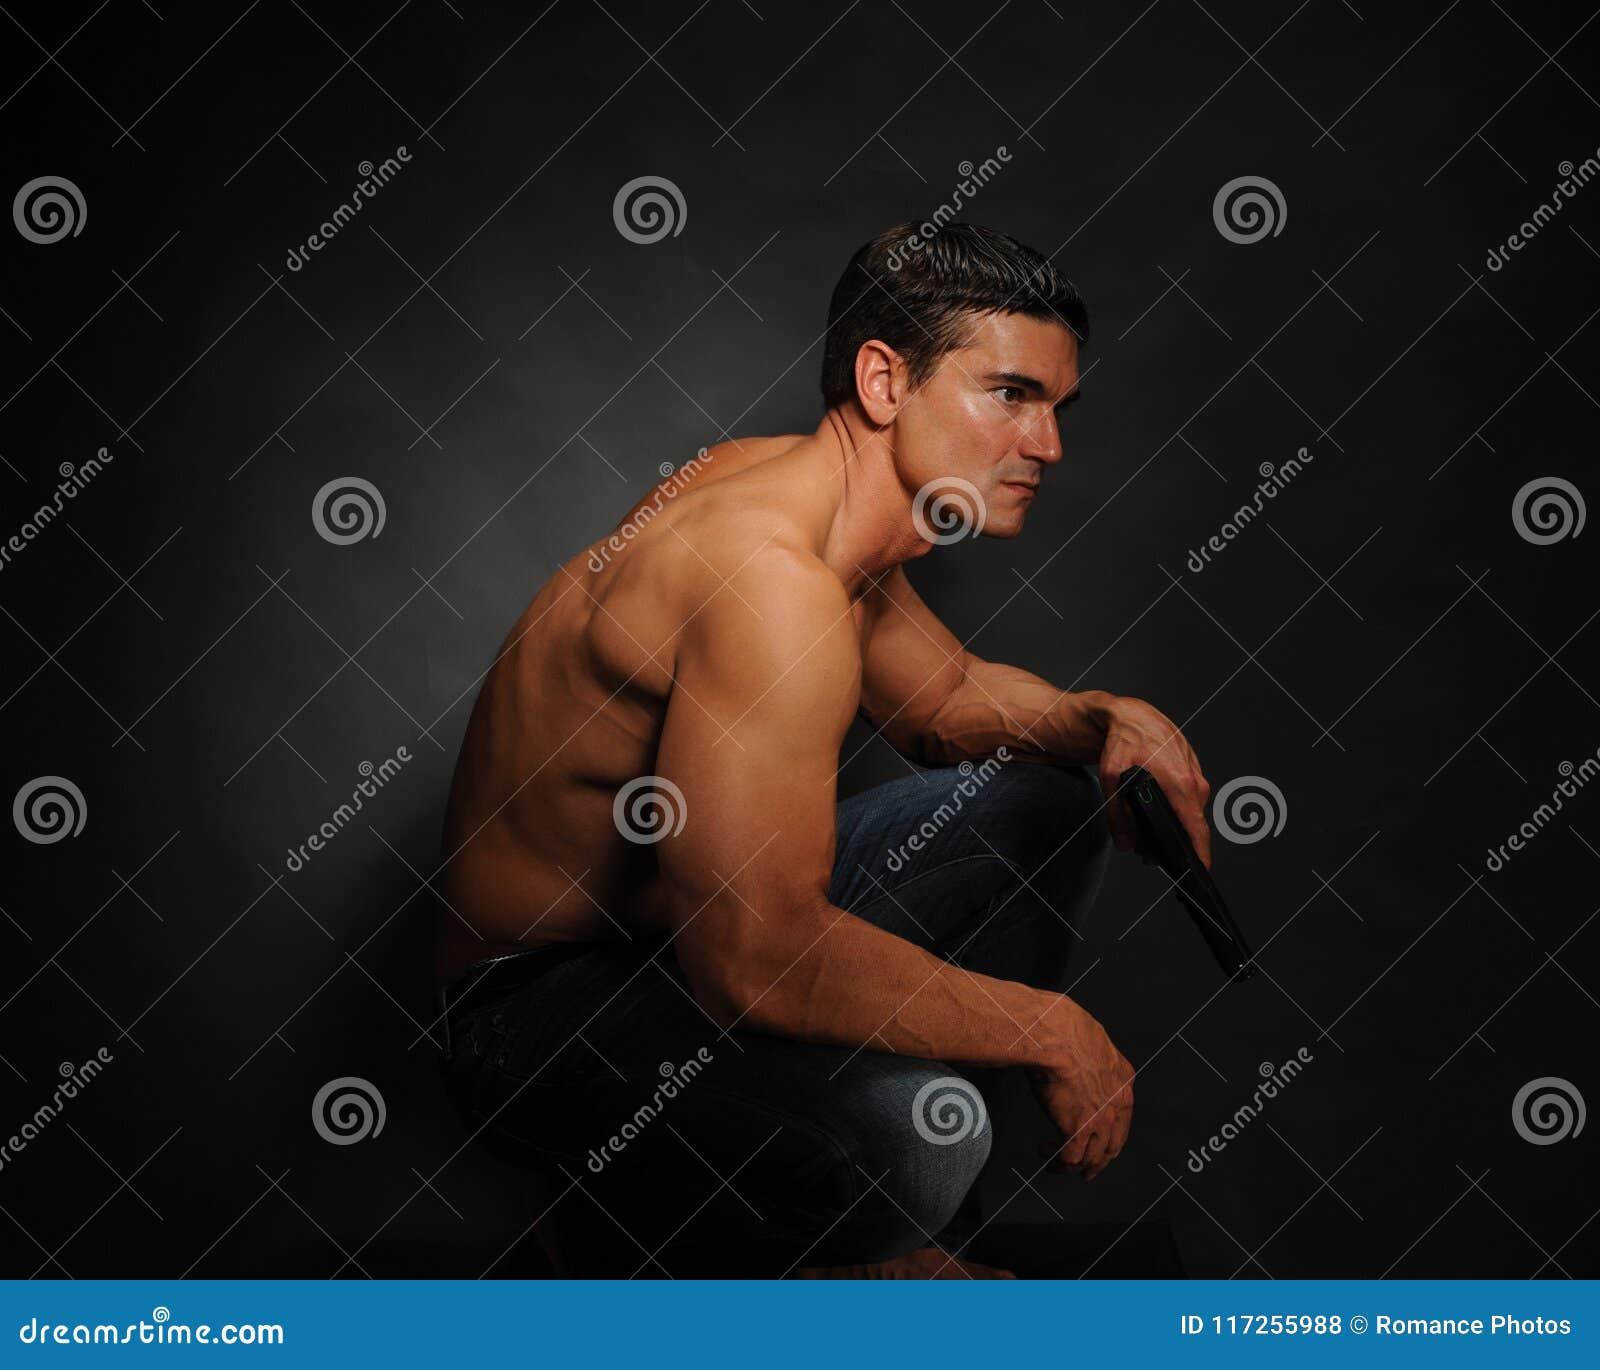 Den sexiga mannen poserar för kameran